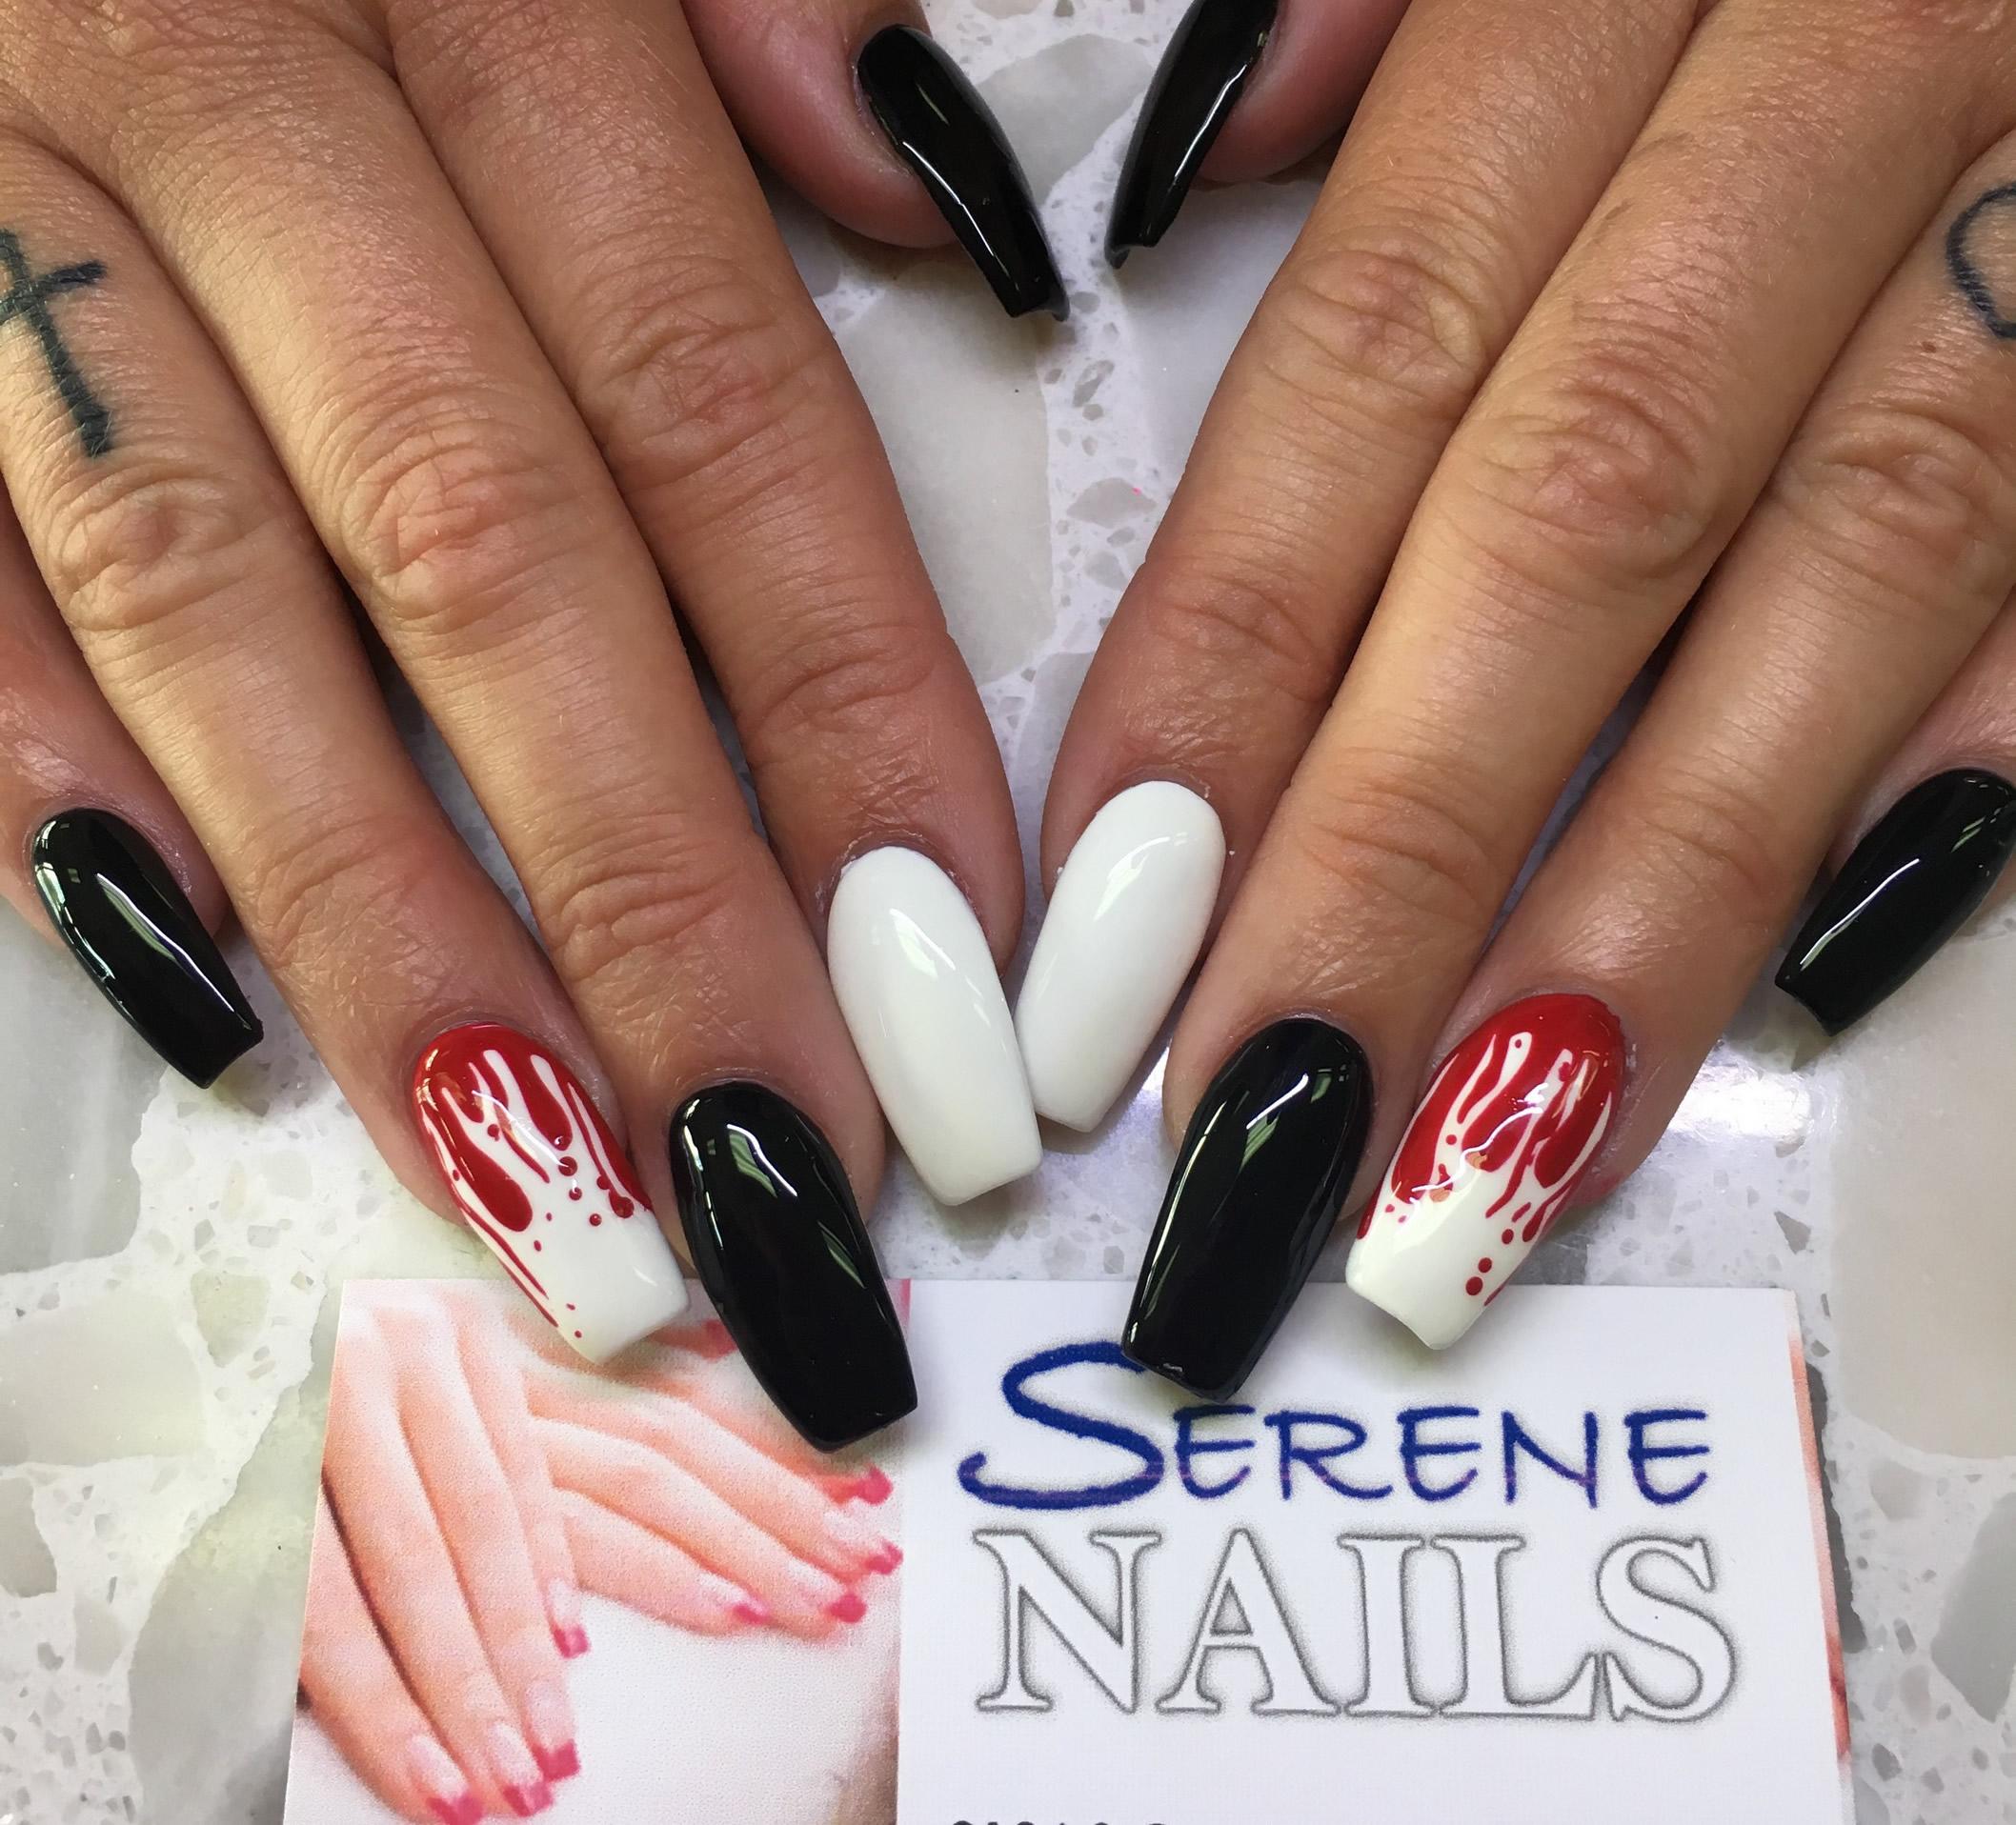 Serene Nails image 75